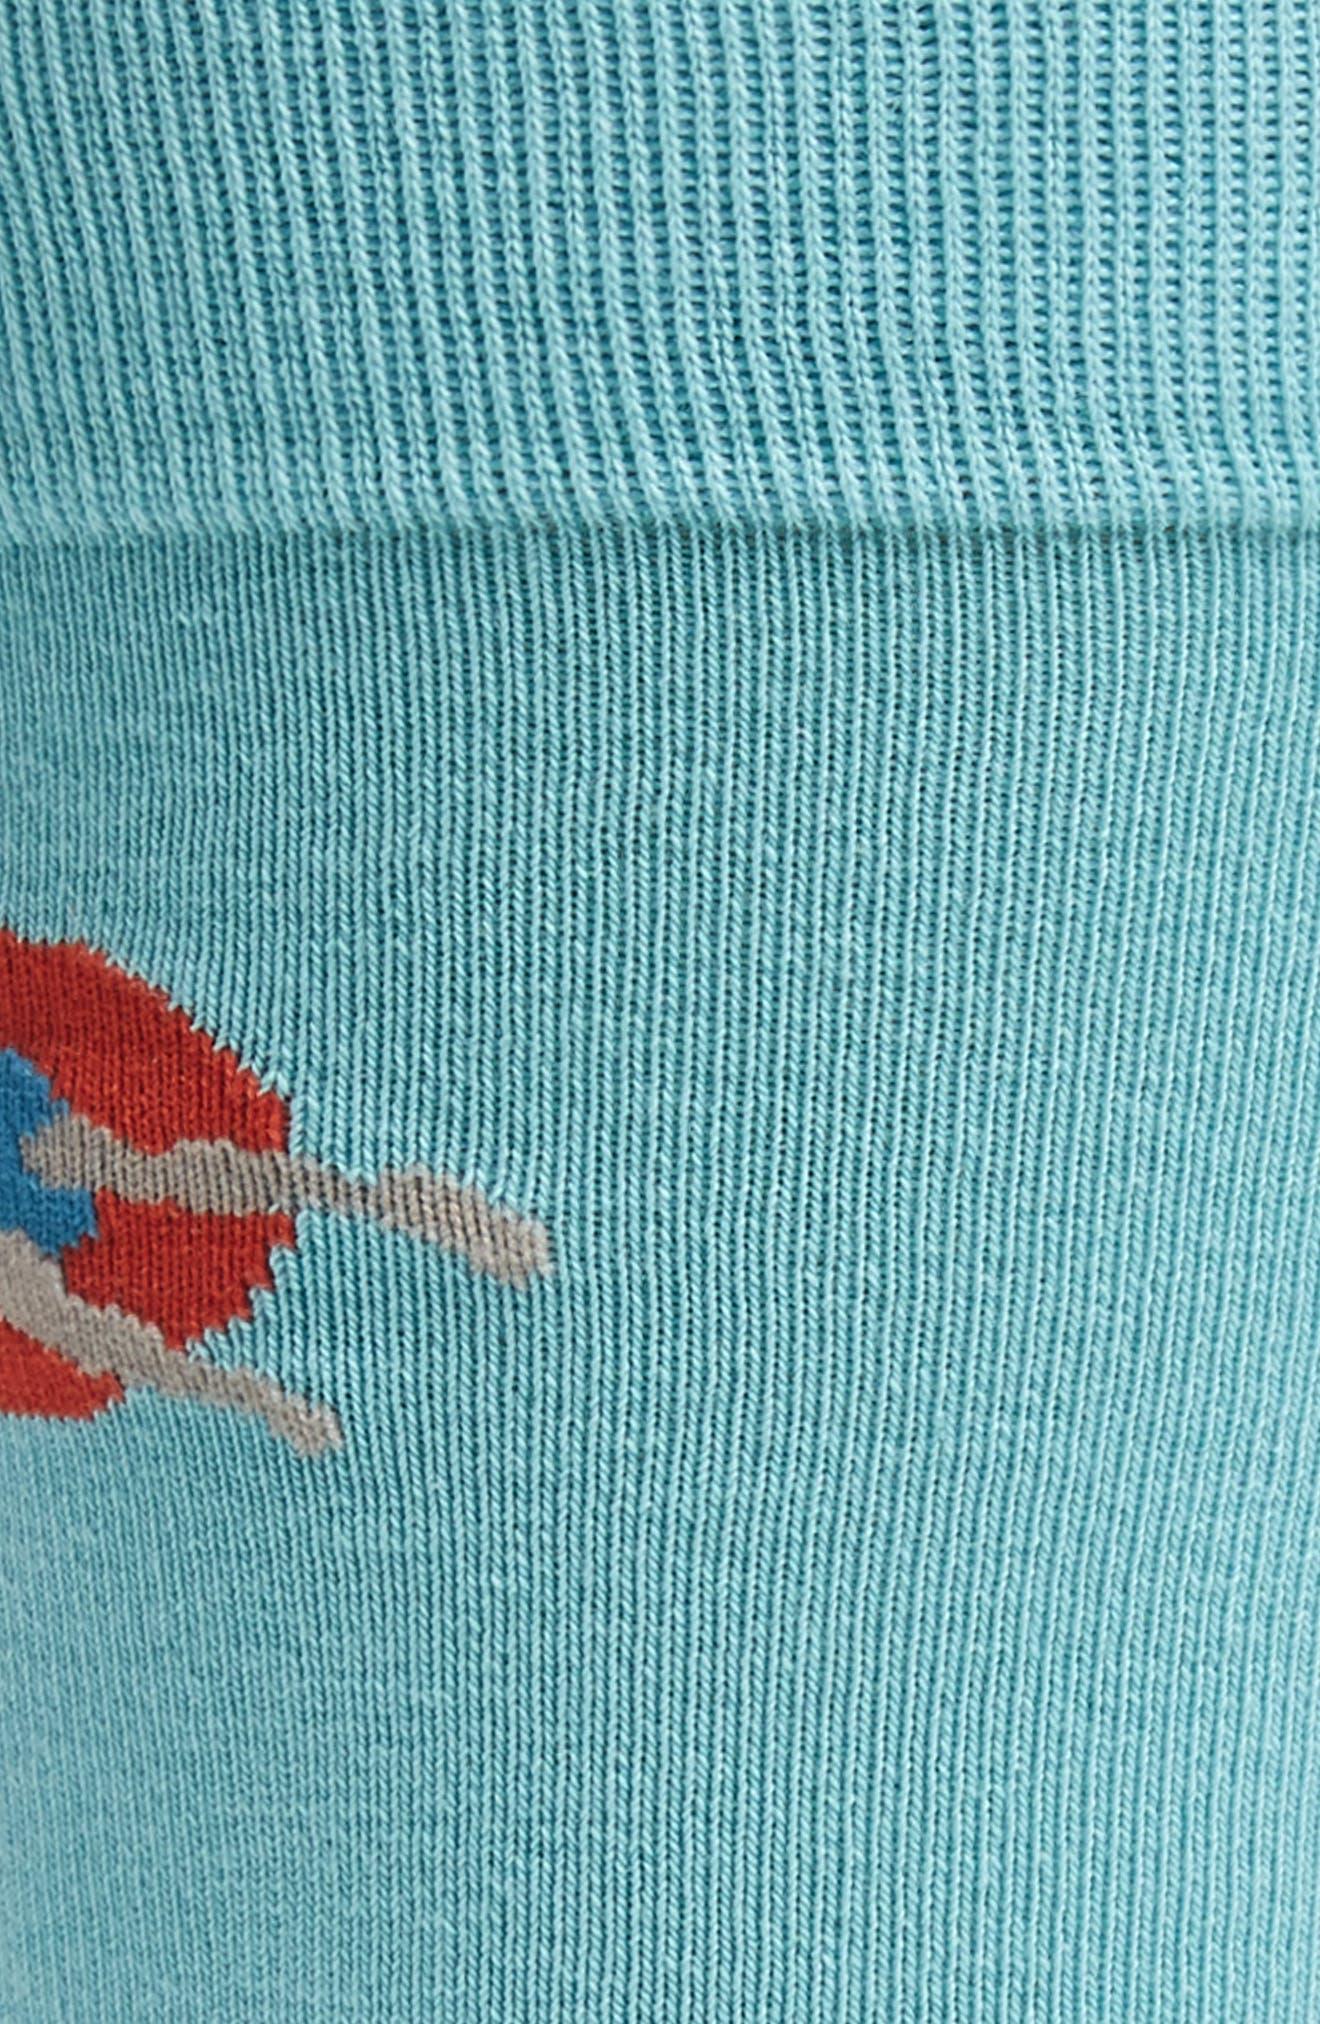 Lunchbreak Socks,                             Alternate thumbnail 2, color,                             420